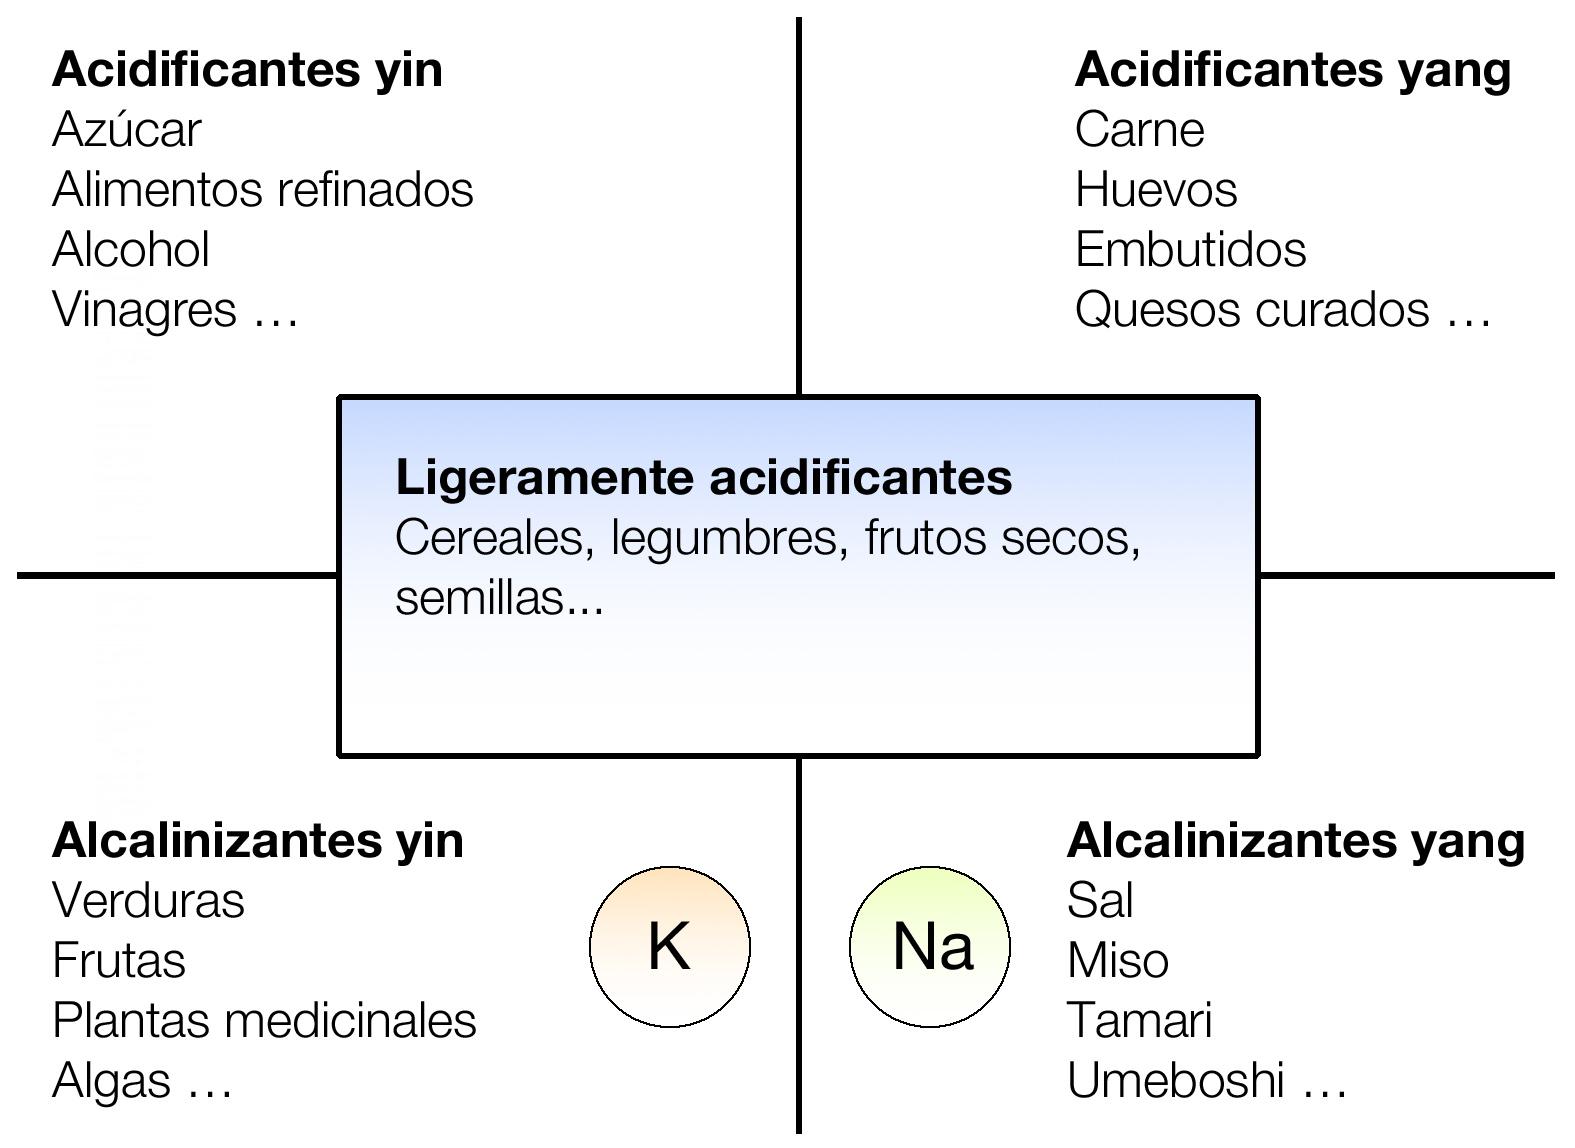 Resultado de imagen para dietetica de alimentos yin yang